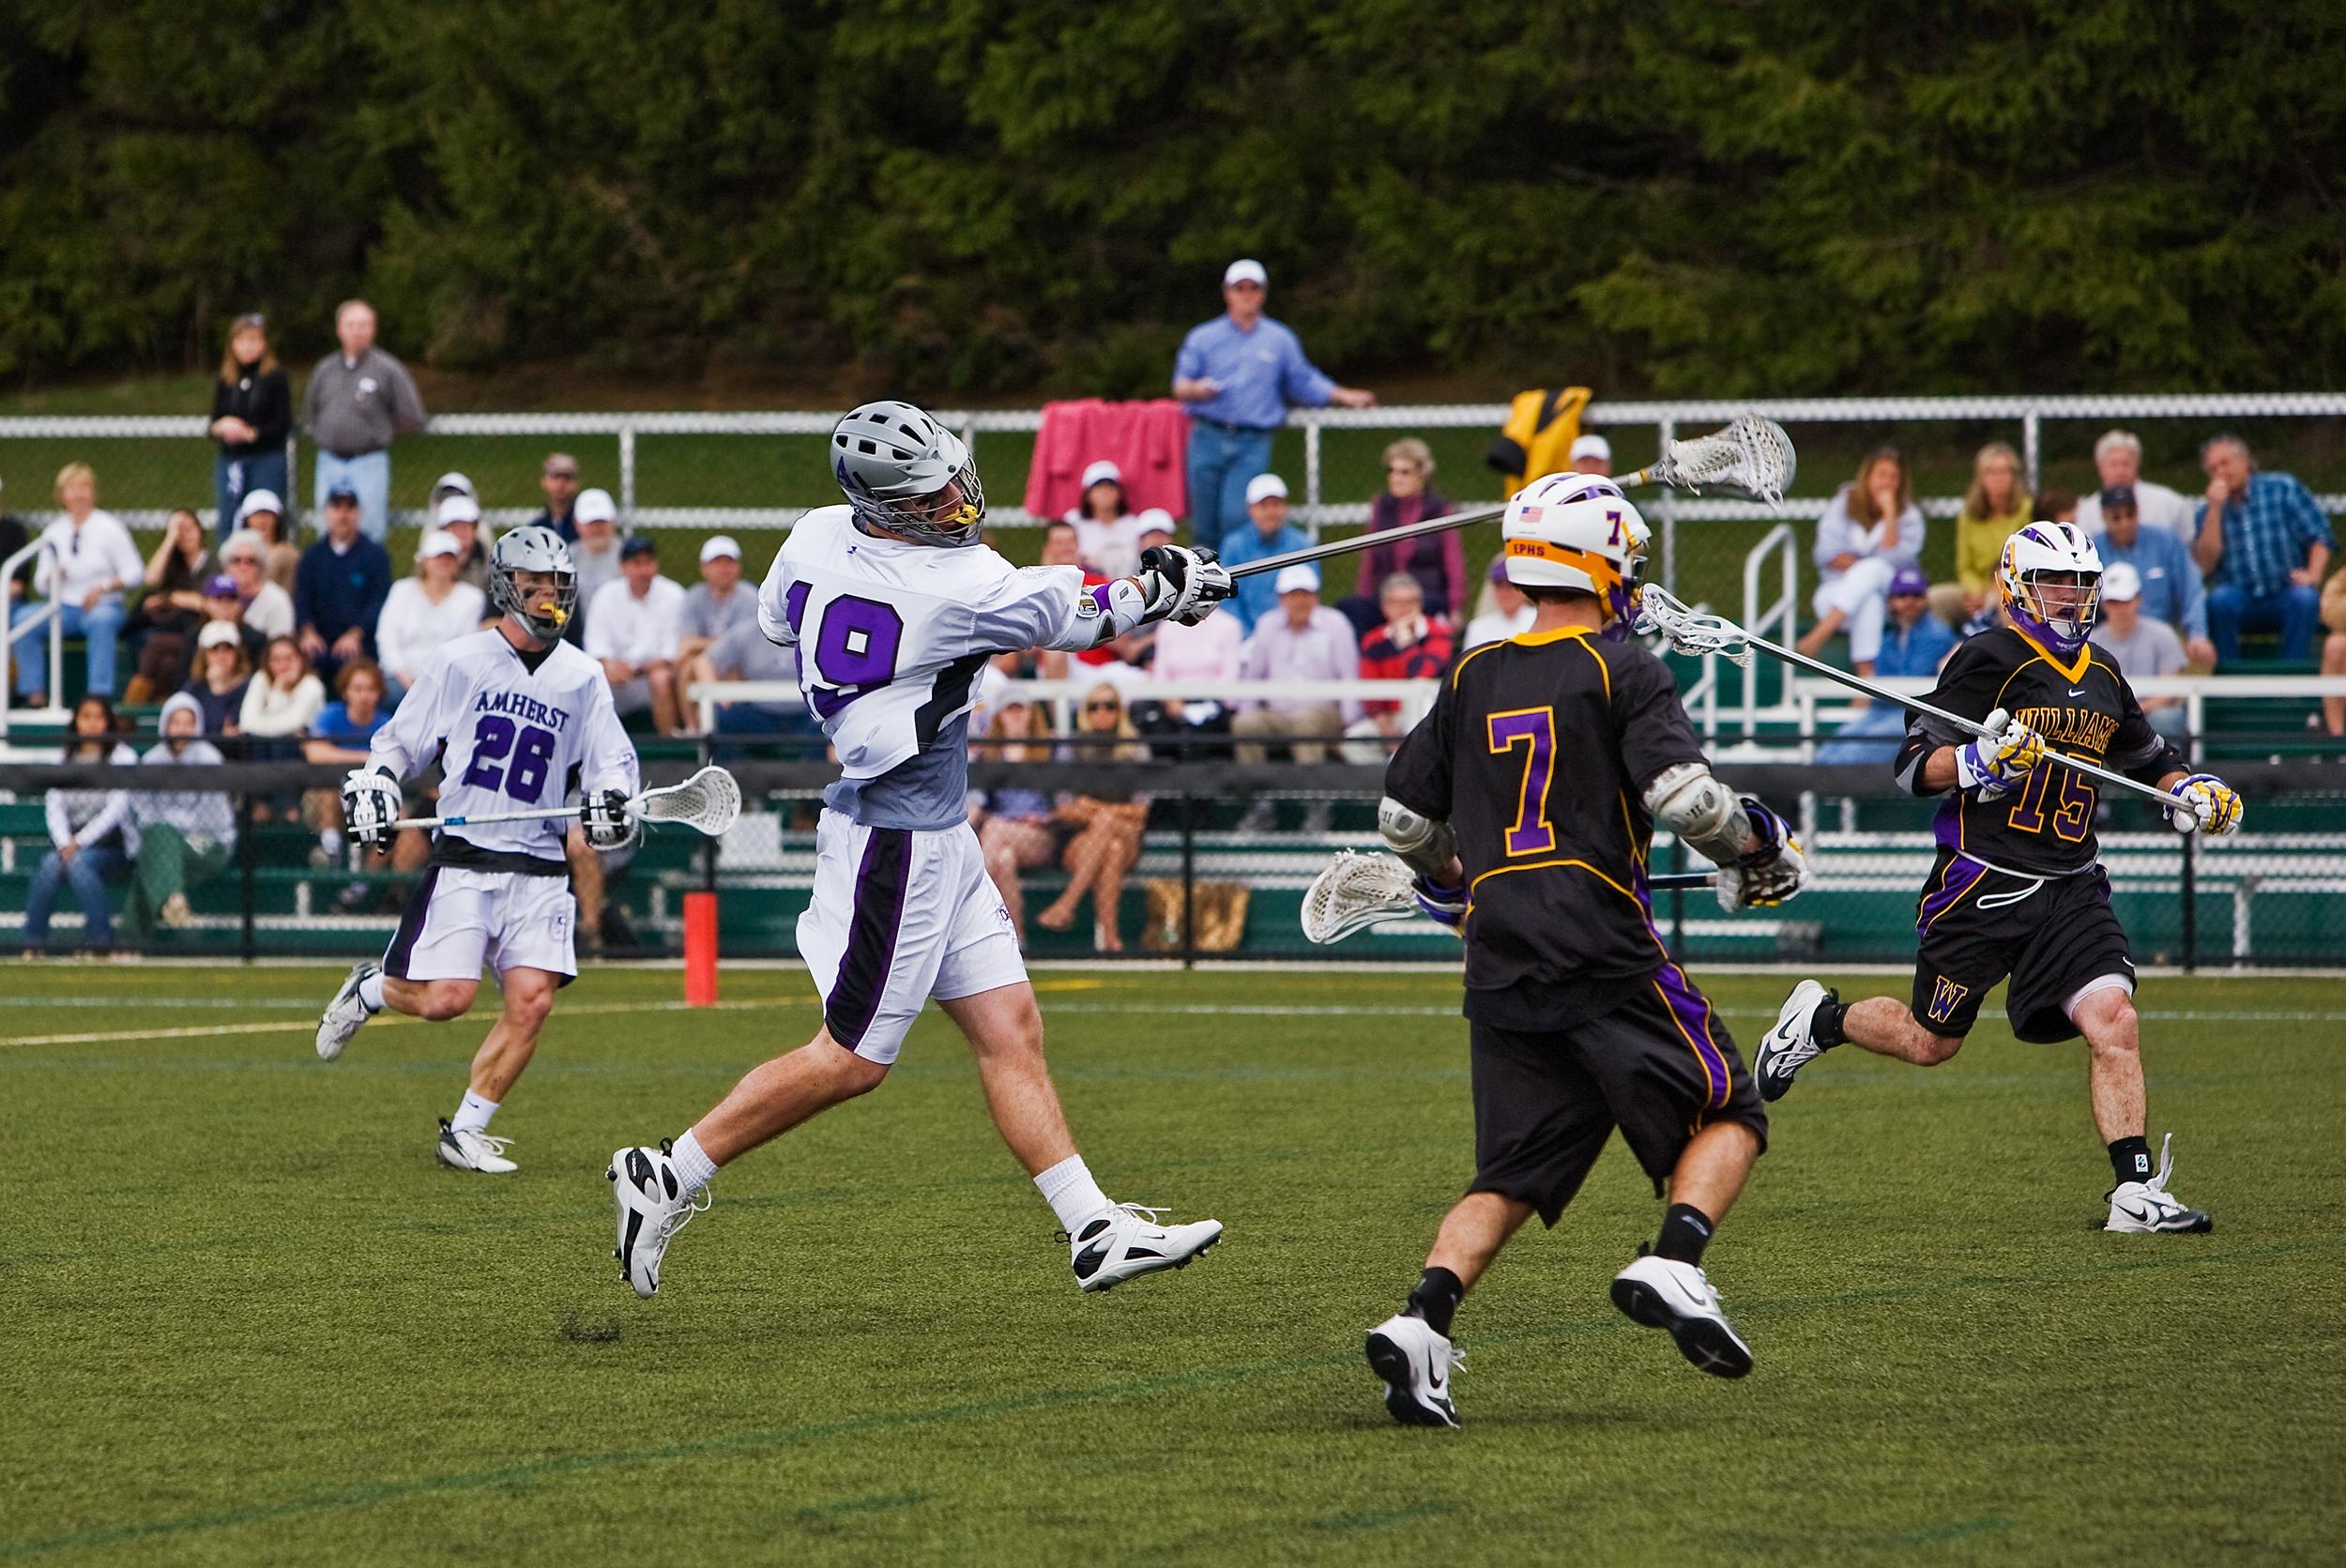 Men's College Lacrosse, Amherst vs Williams, 2008